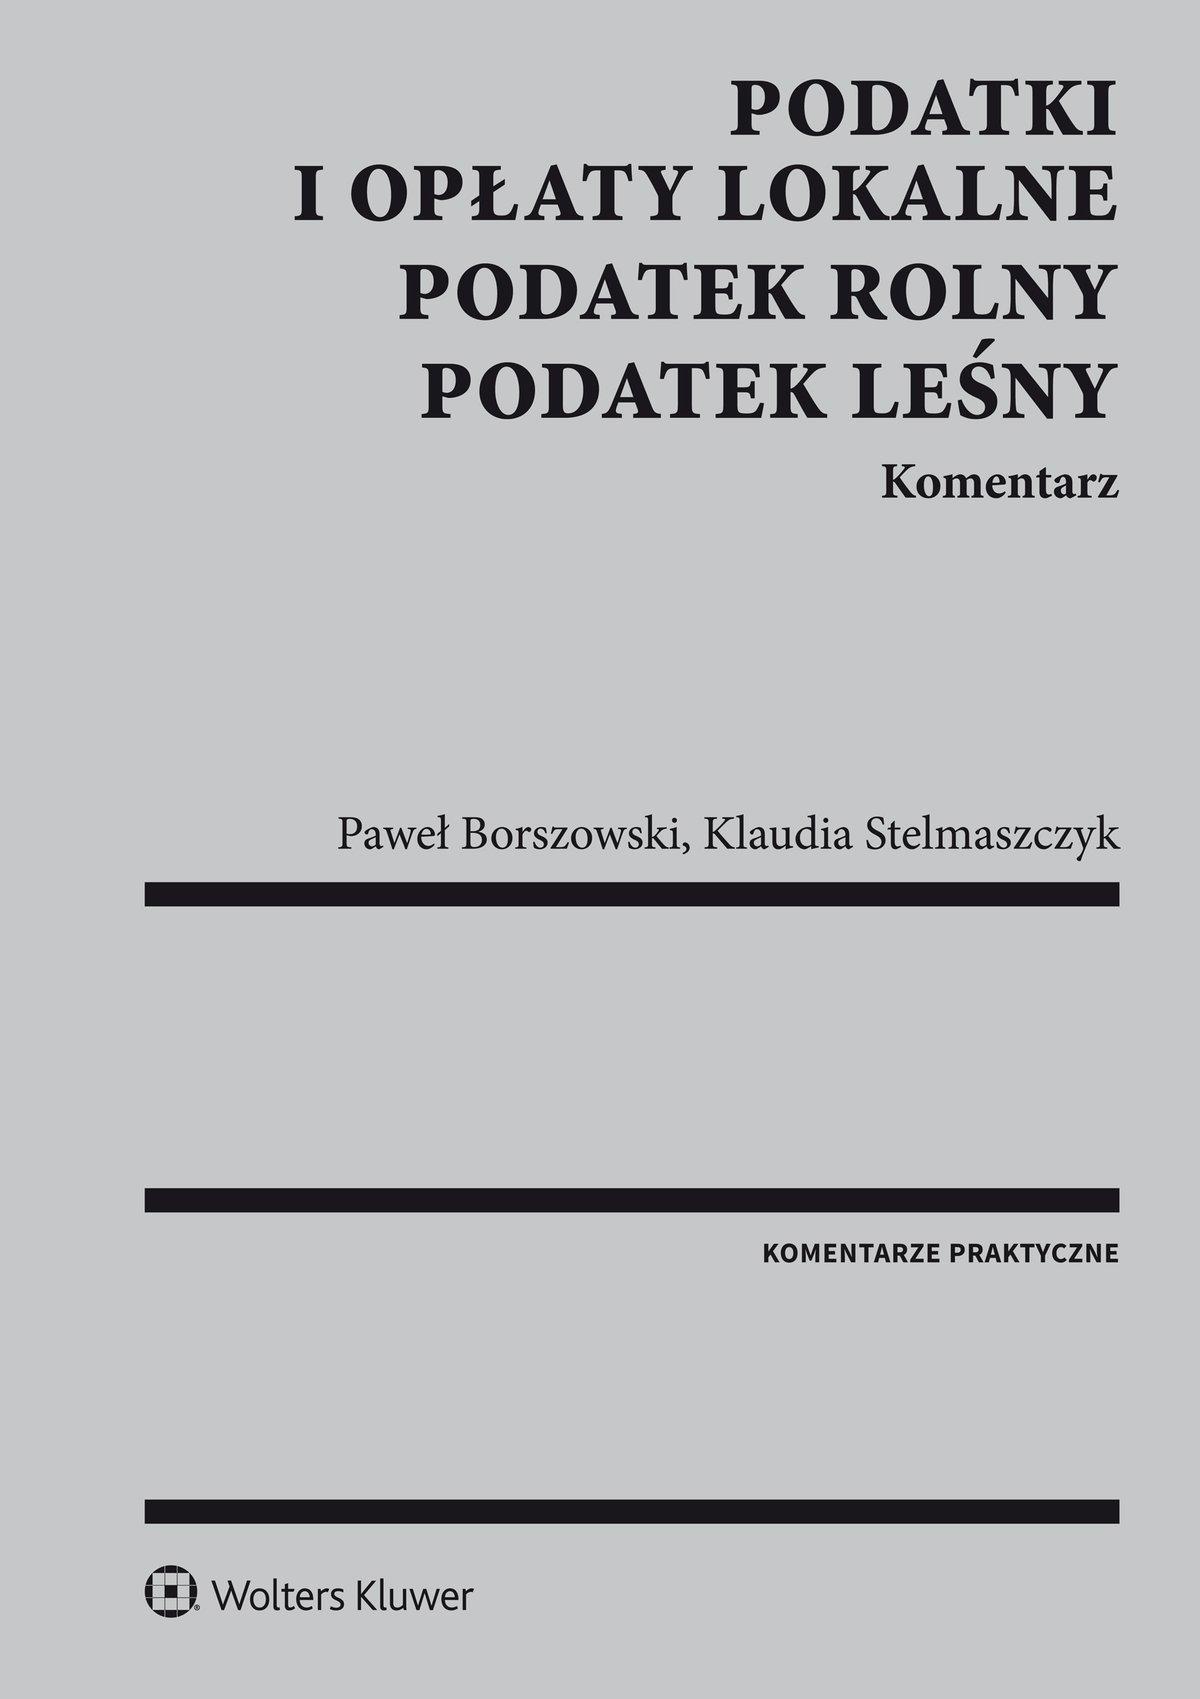 Podatki i opłaty lokalne. Podatek rolny. Podatek leśny. Komentarz - Ebook (Książka PDF) do pobrania w formacie PDF